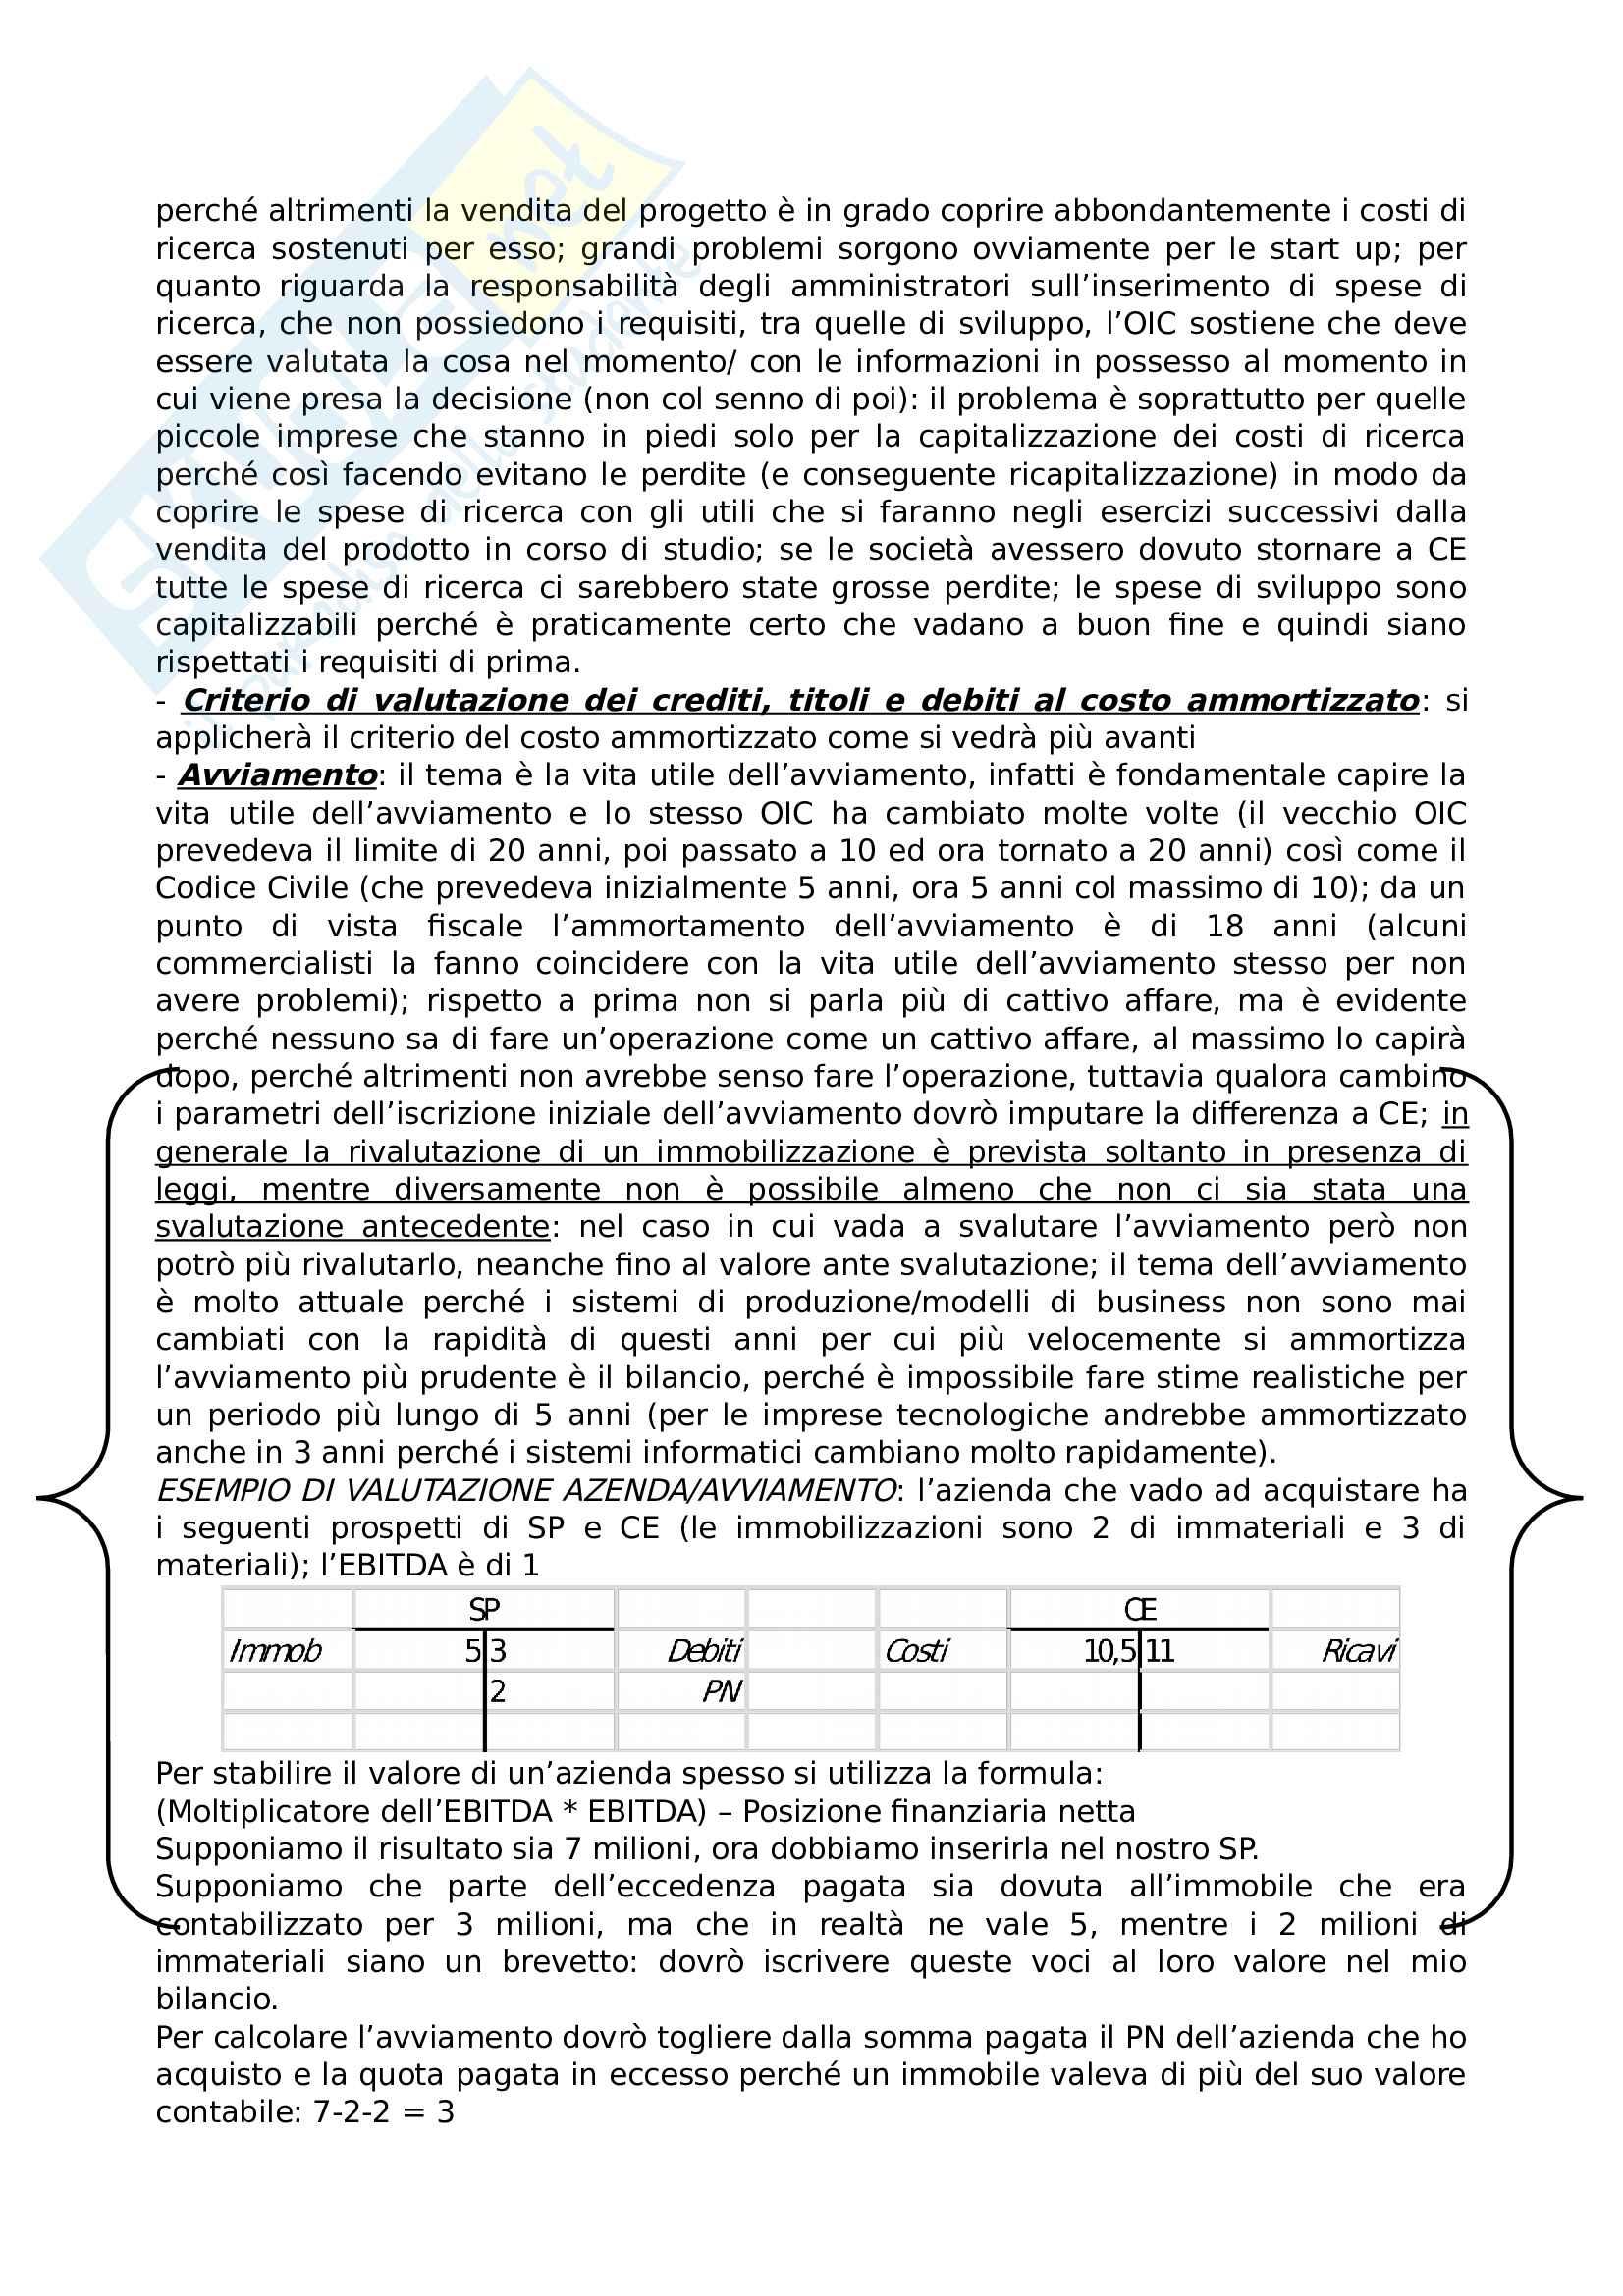 Riassunto lezioni Contabilità, bilancio e principi contabili 2 Pag. 31